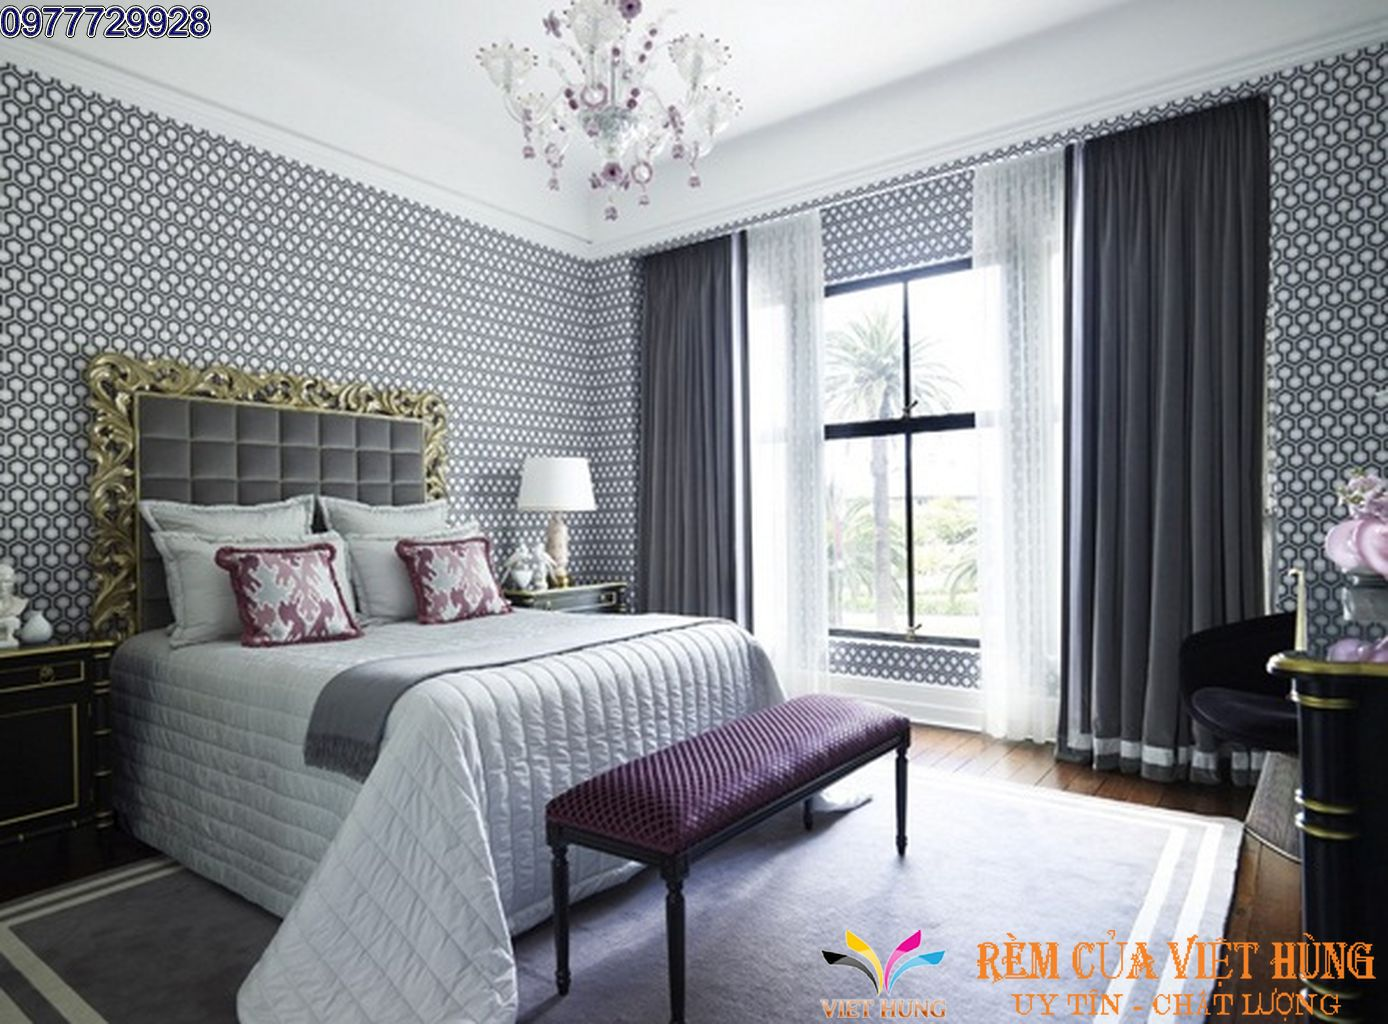 Rèm Cửa Phòng Ngủ VH 990-5